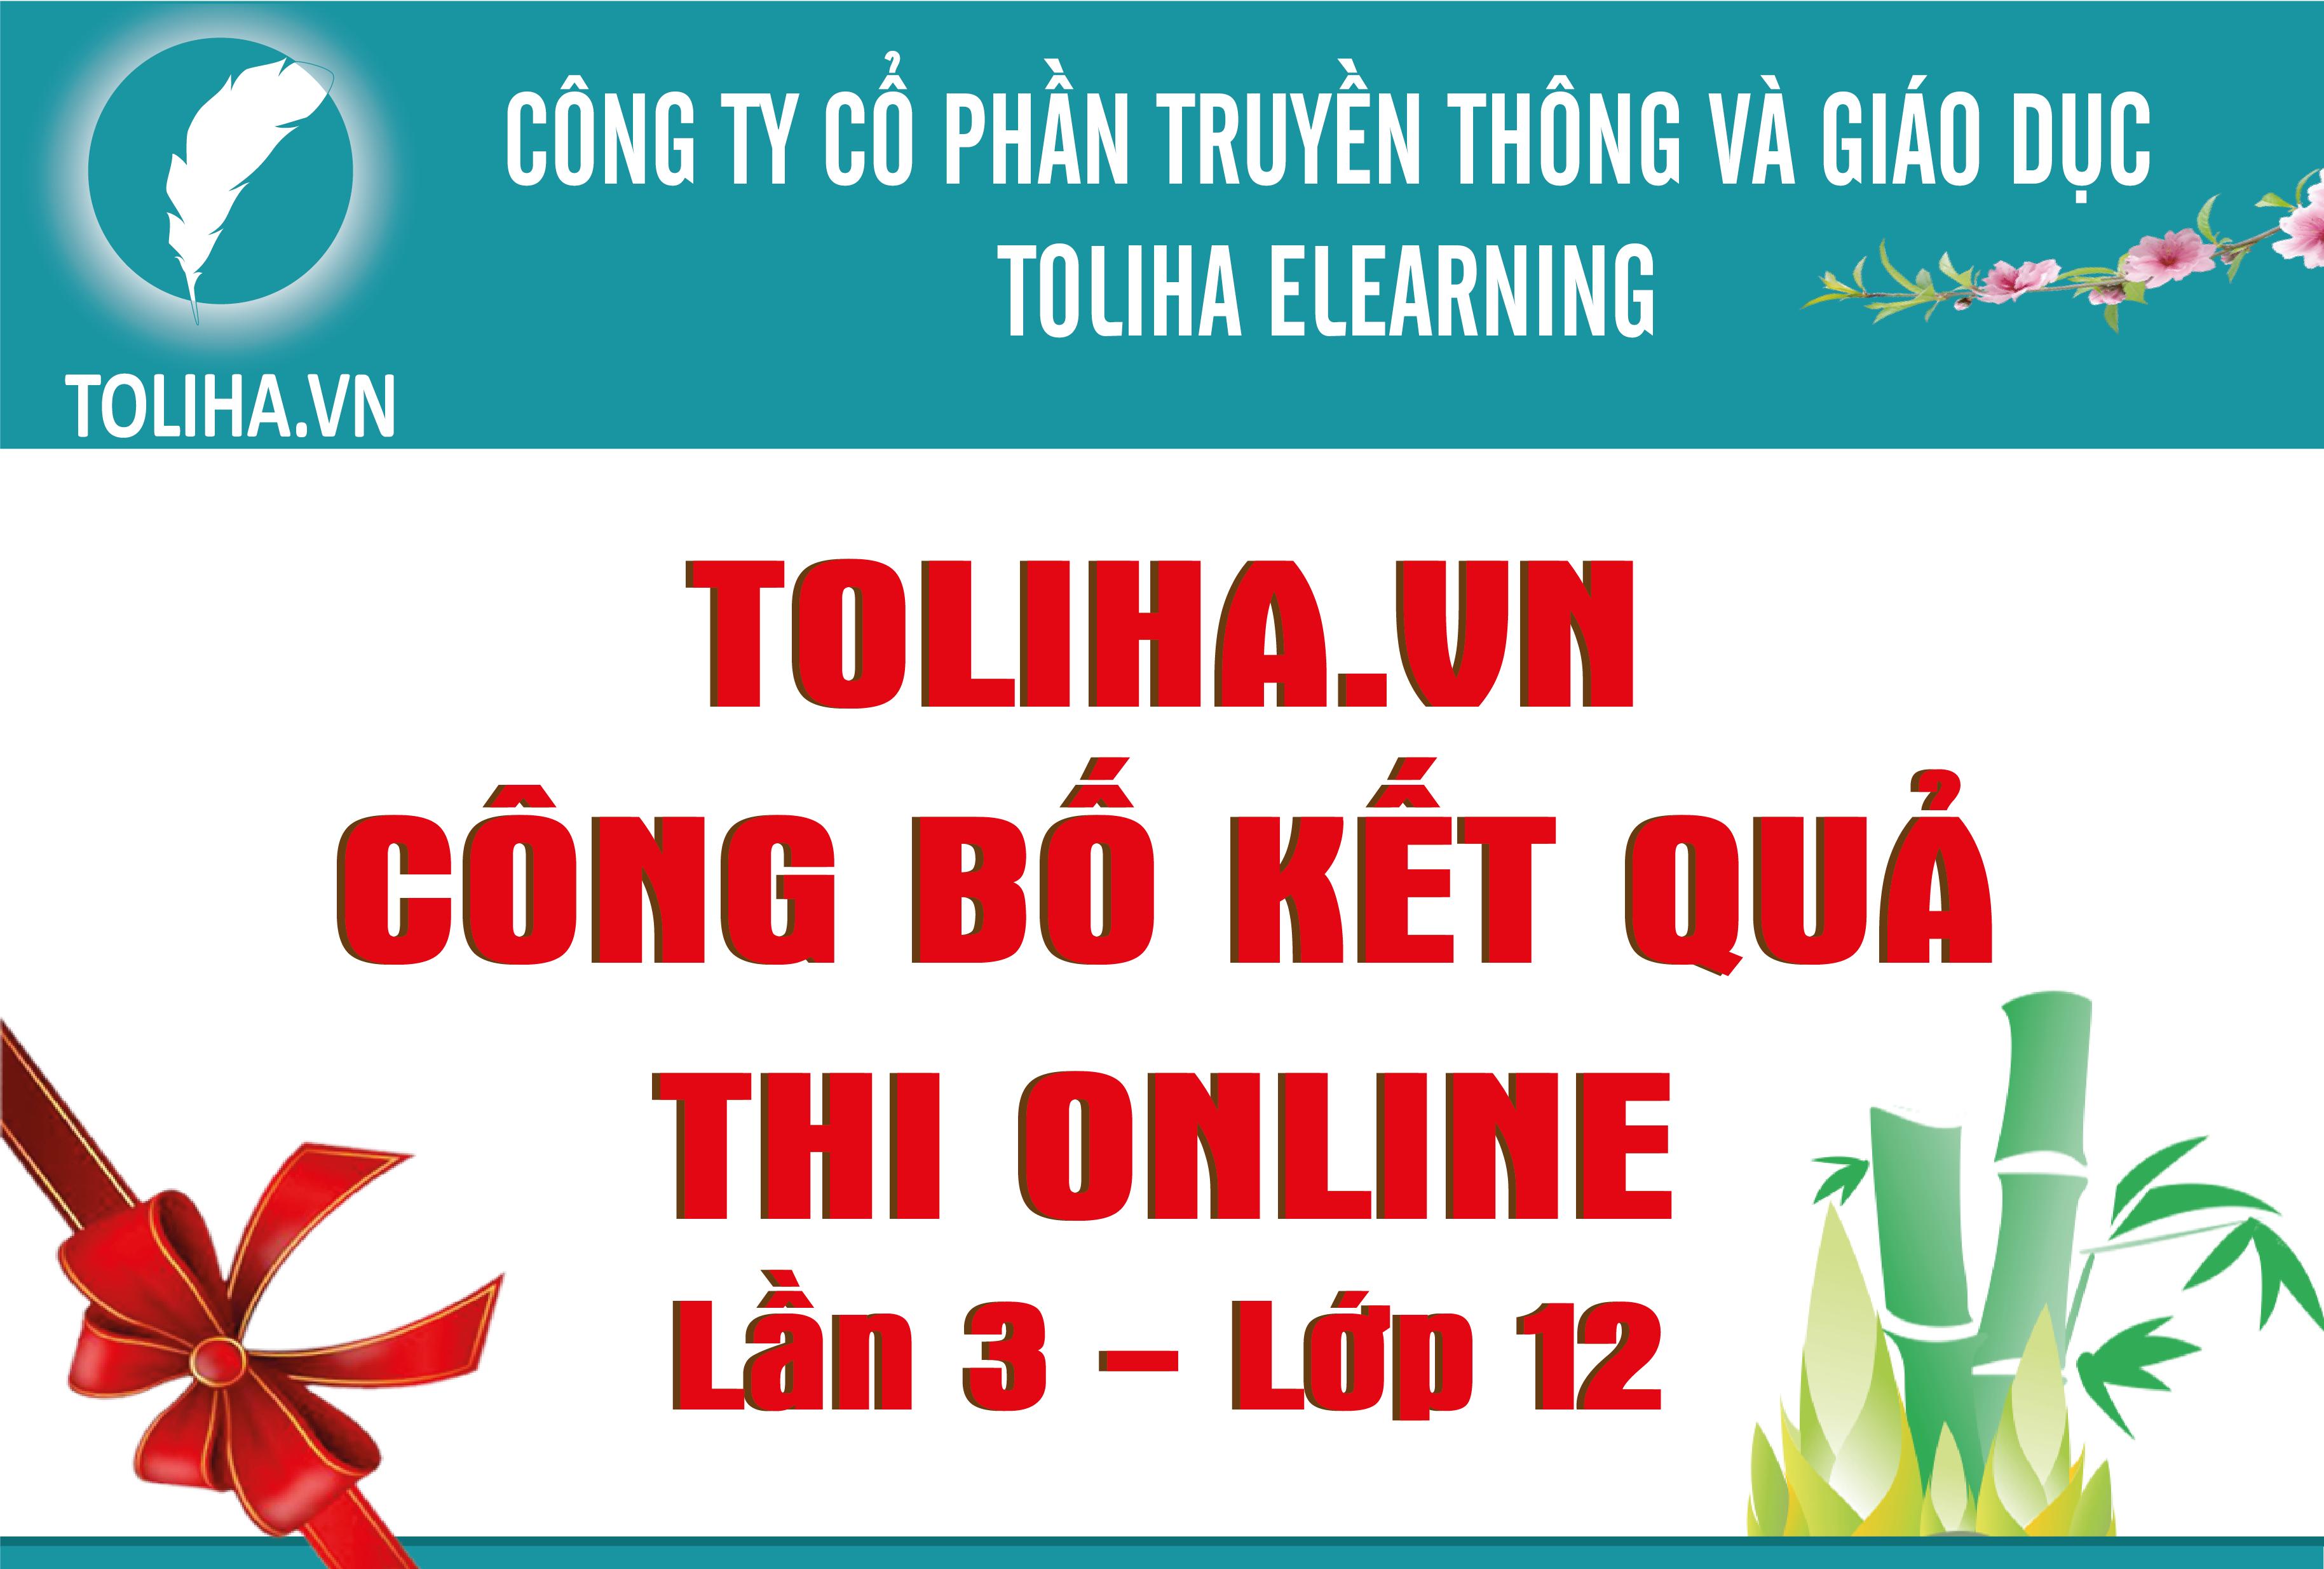 TOLIHA.VN Thông báo Kết quả thi online diễn ra ngày 15 tháng 12 năm 2019